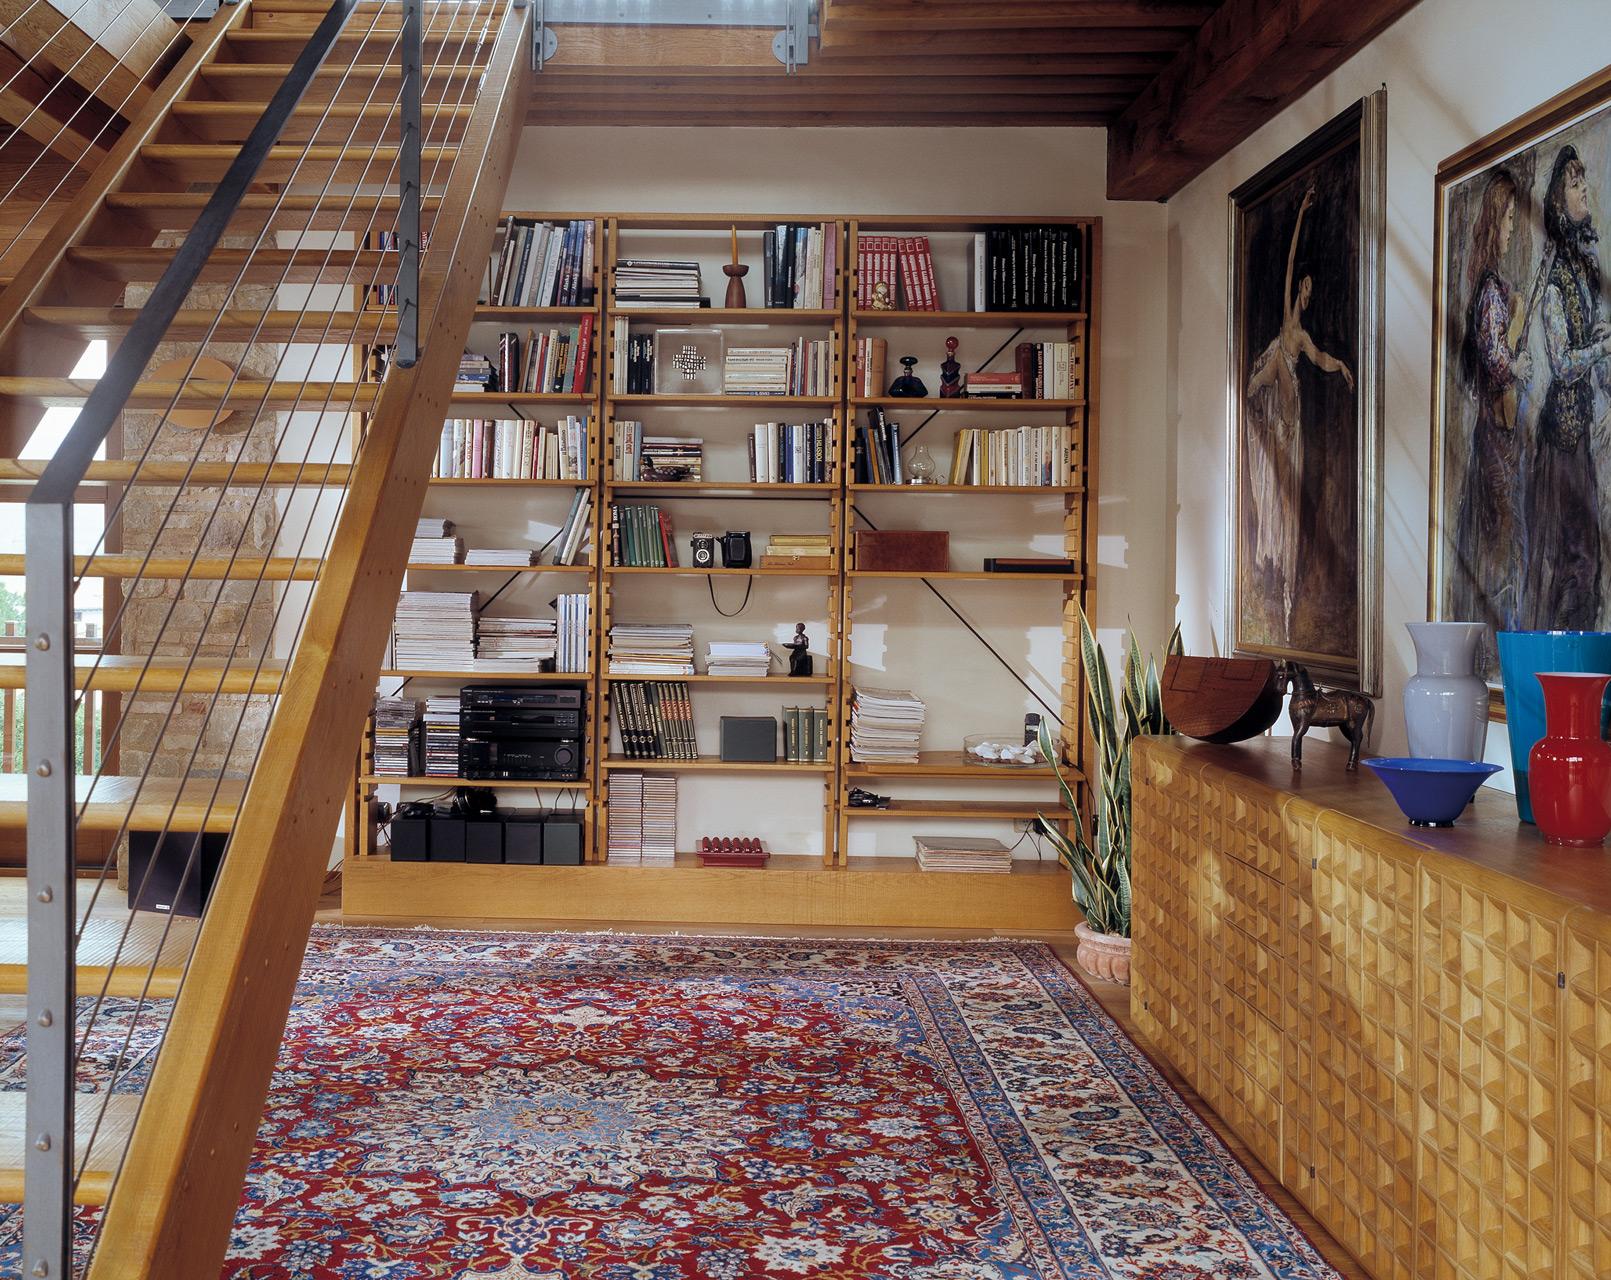 Chiaravalle bookcase in oak. Celata sideboard in oak